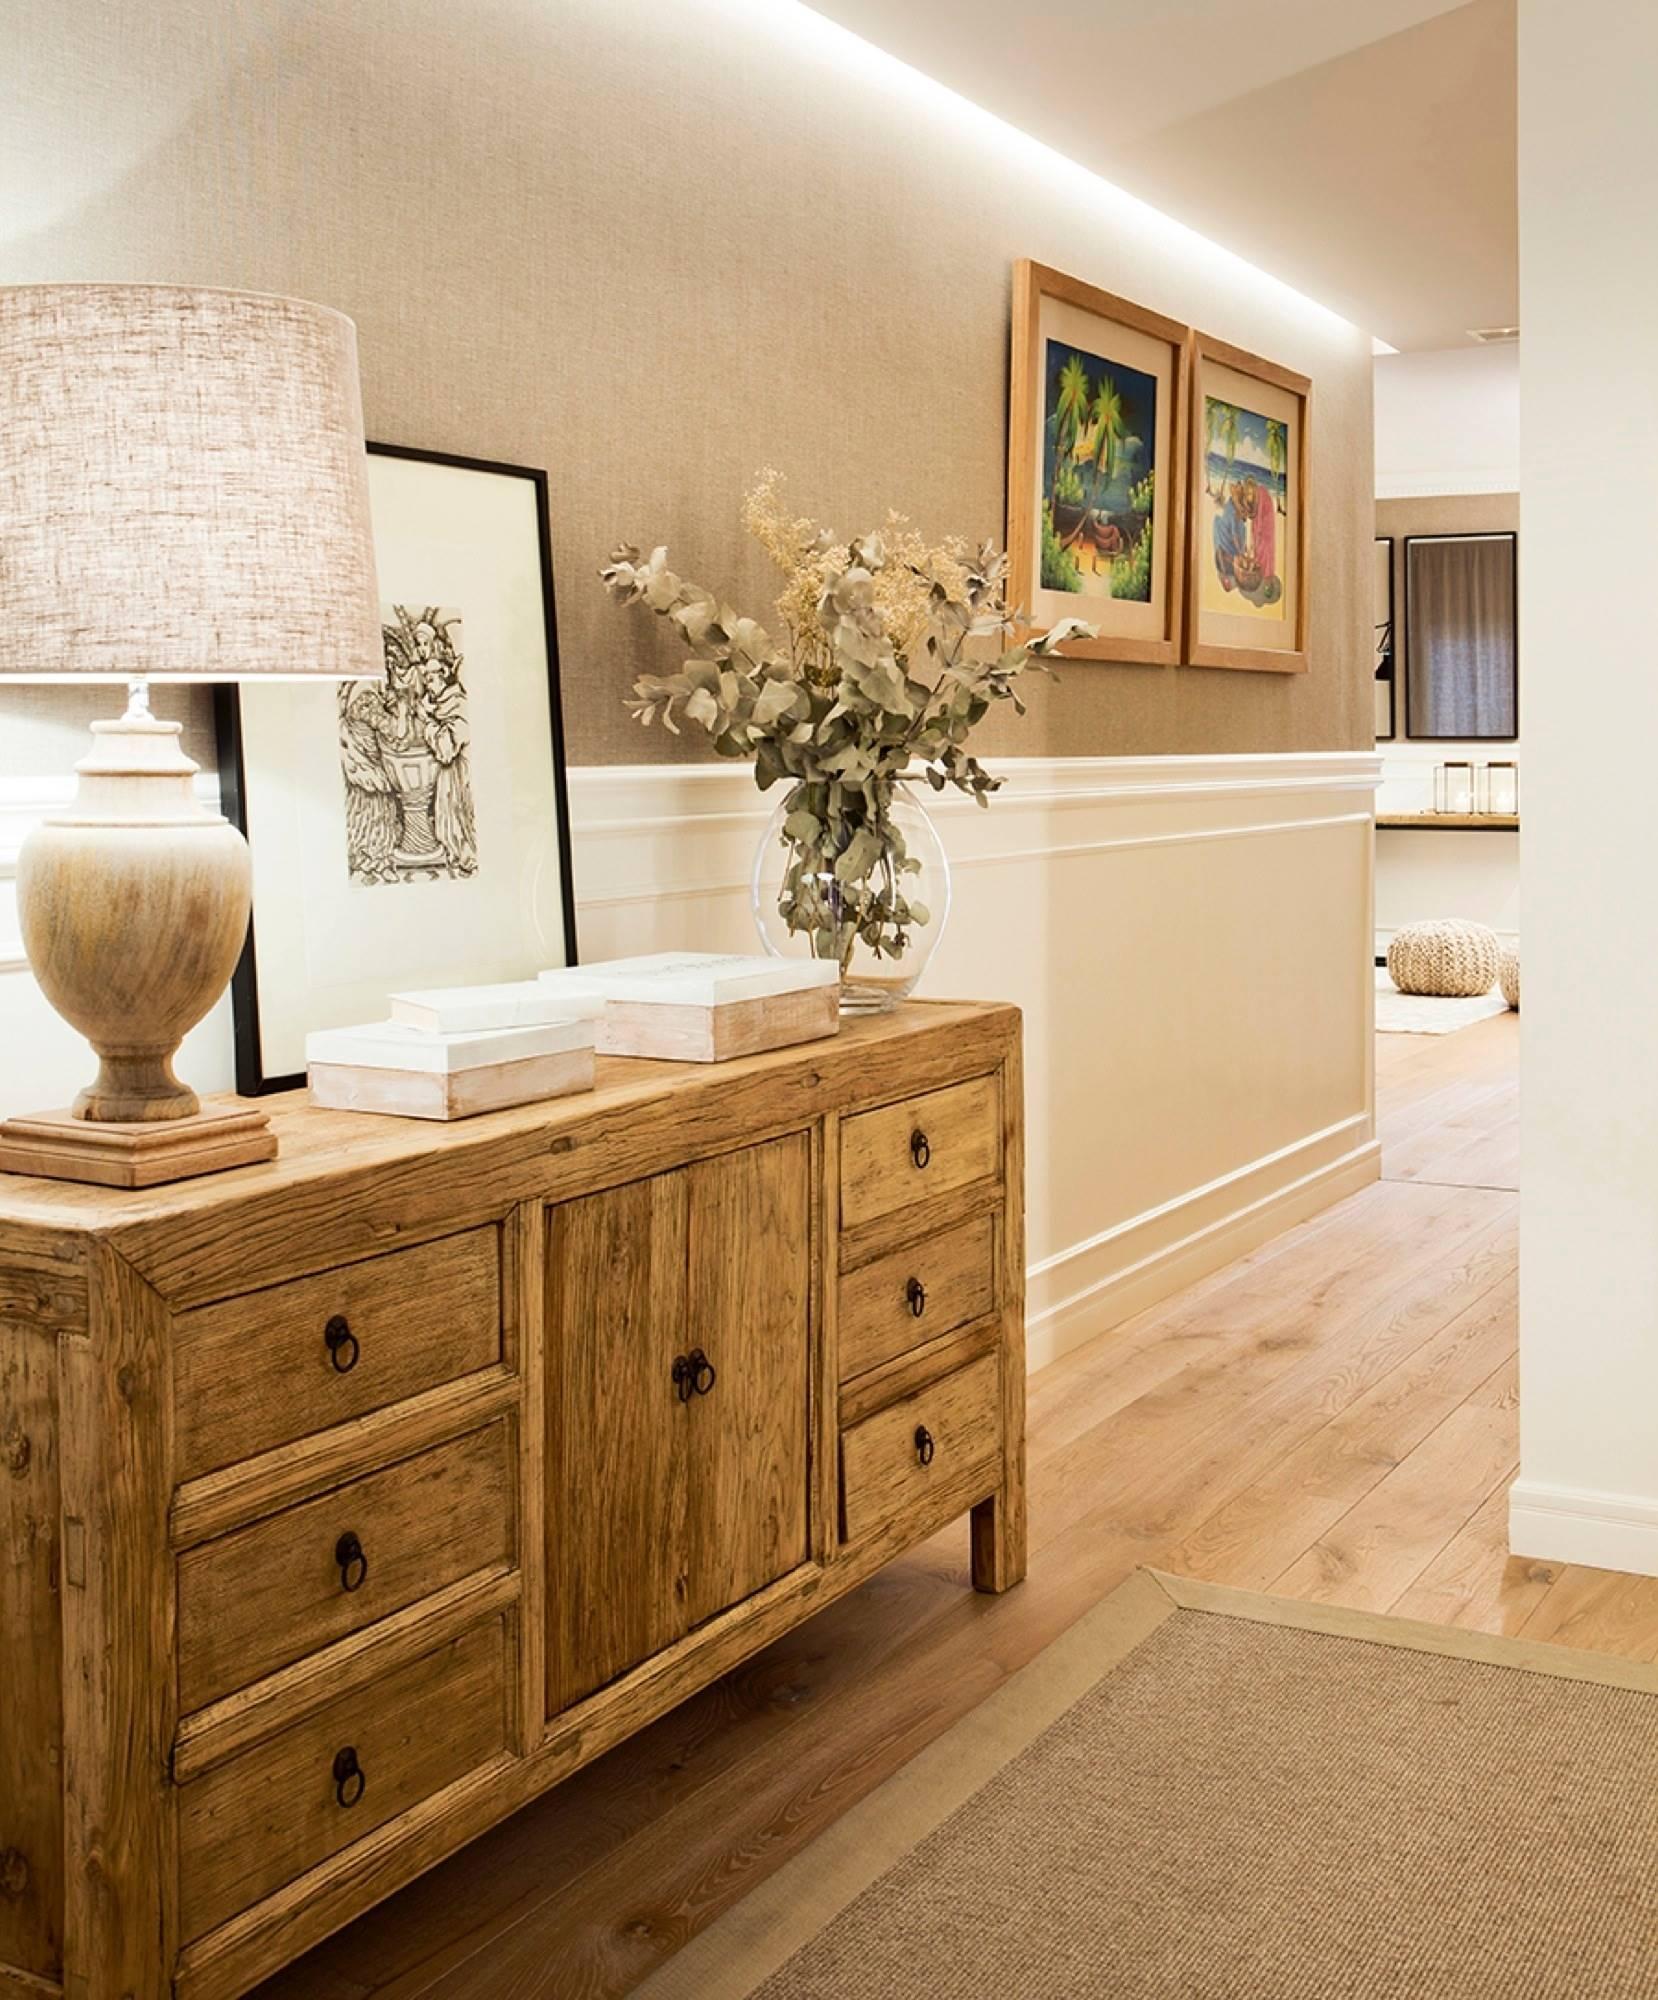 C modas para dormitorio el mueble - Mueble de habitacion ...